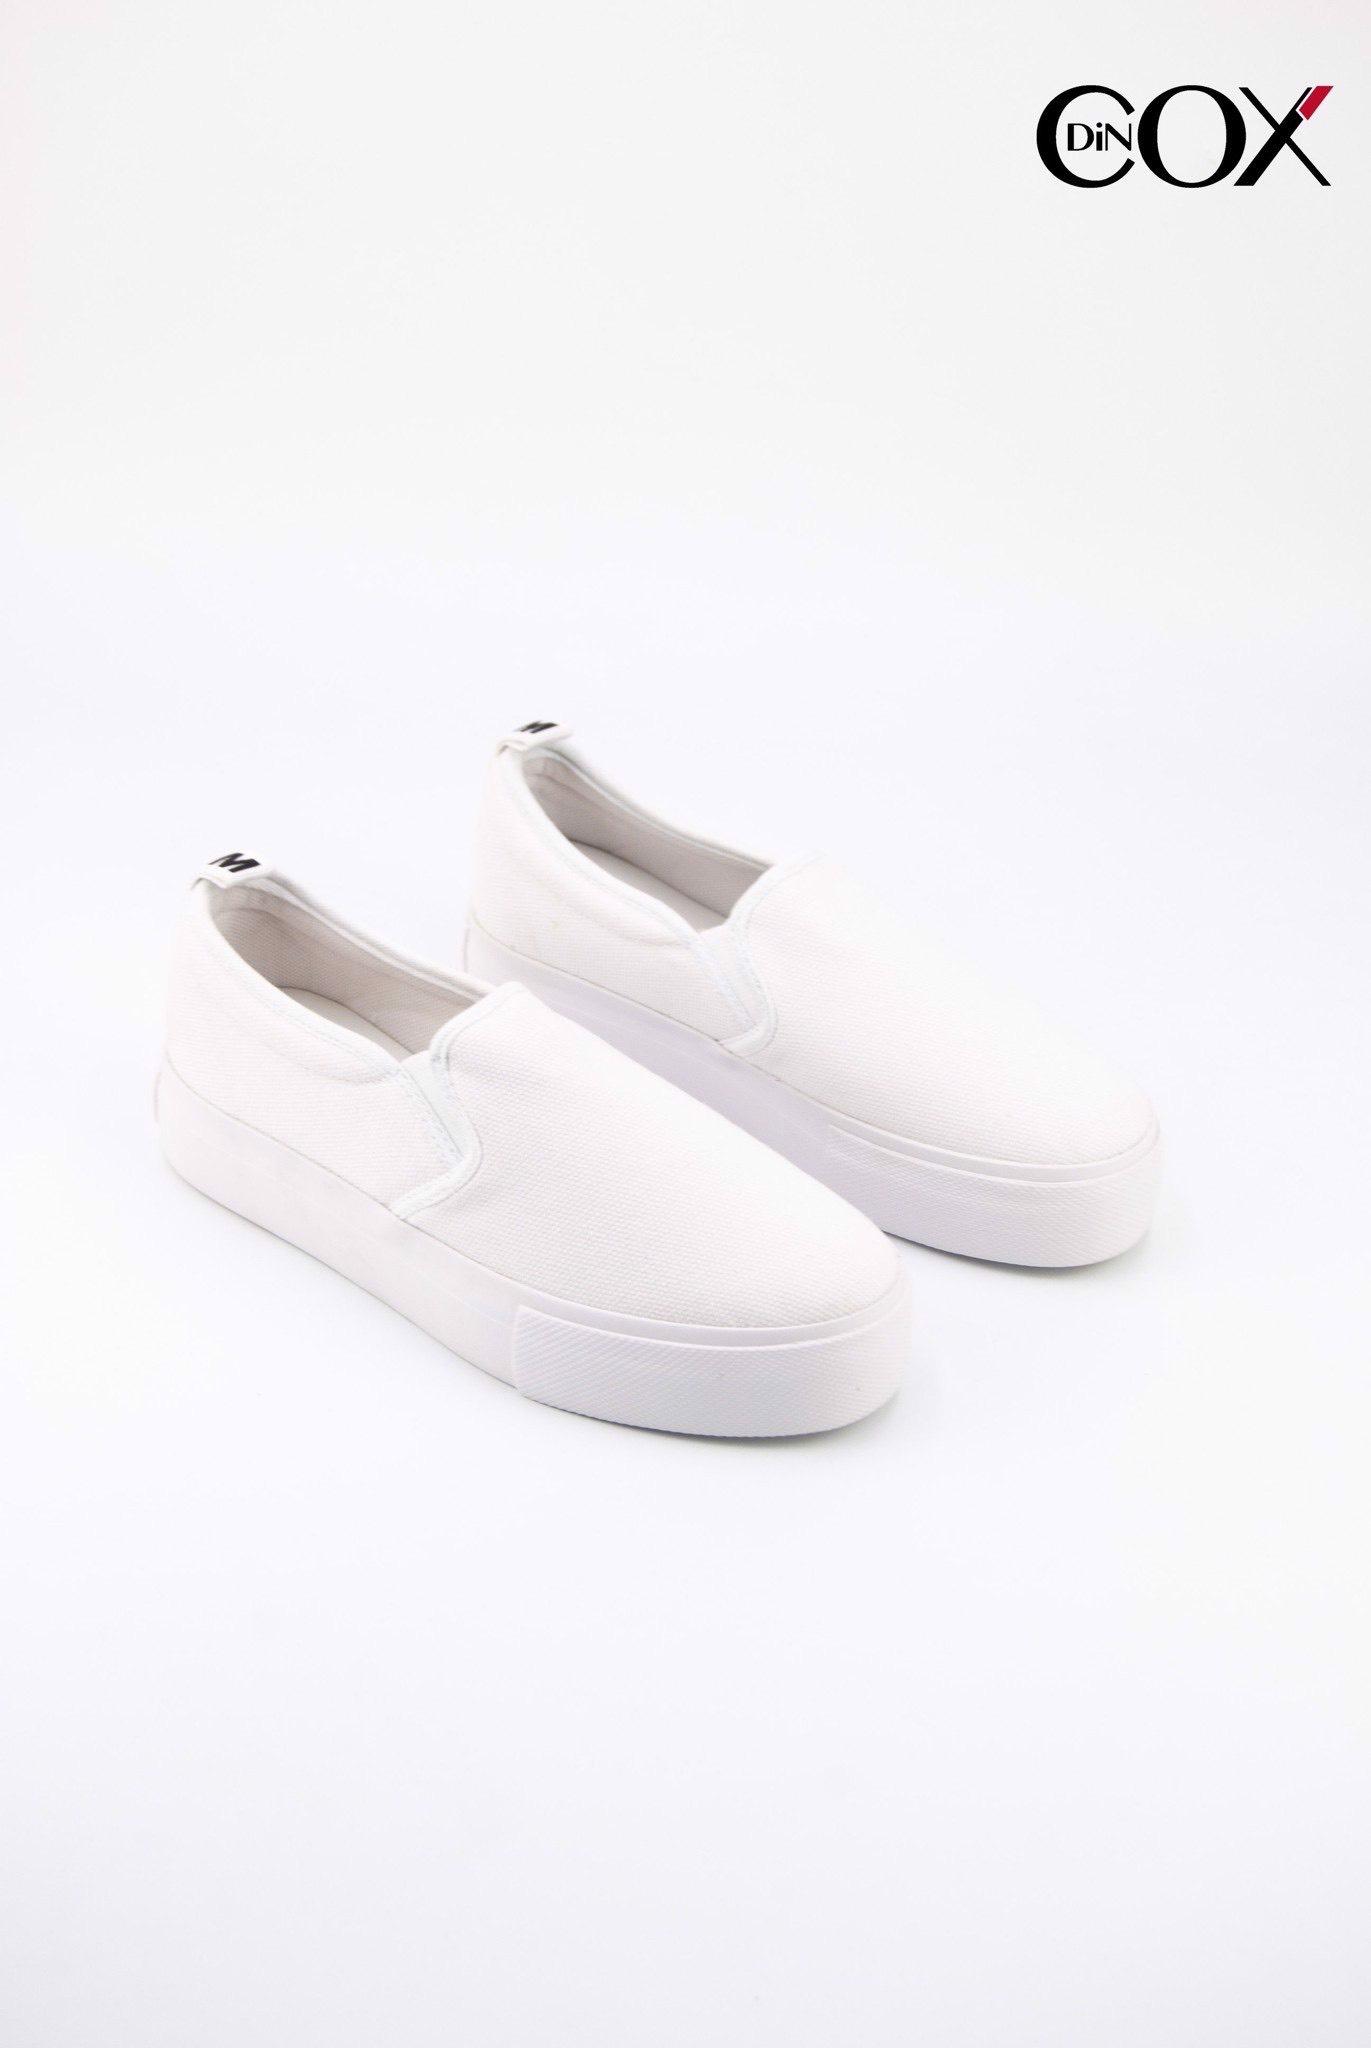 dincox3509-white